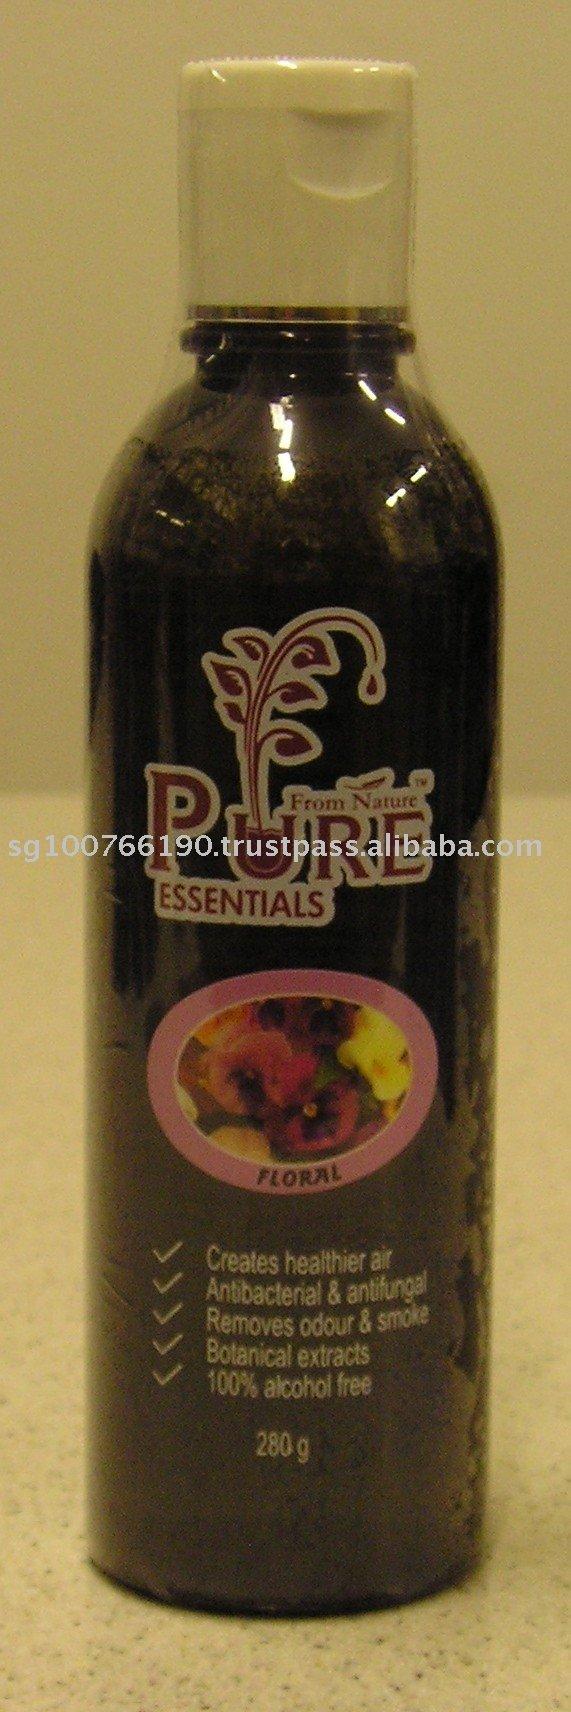 Aceite esencial puro (fragancia de la flora)